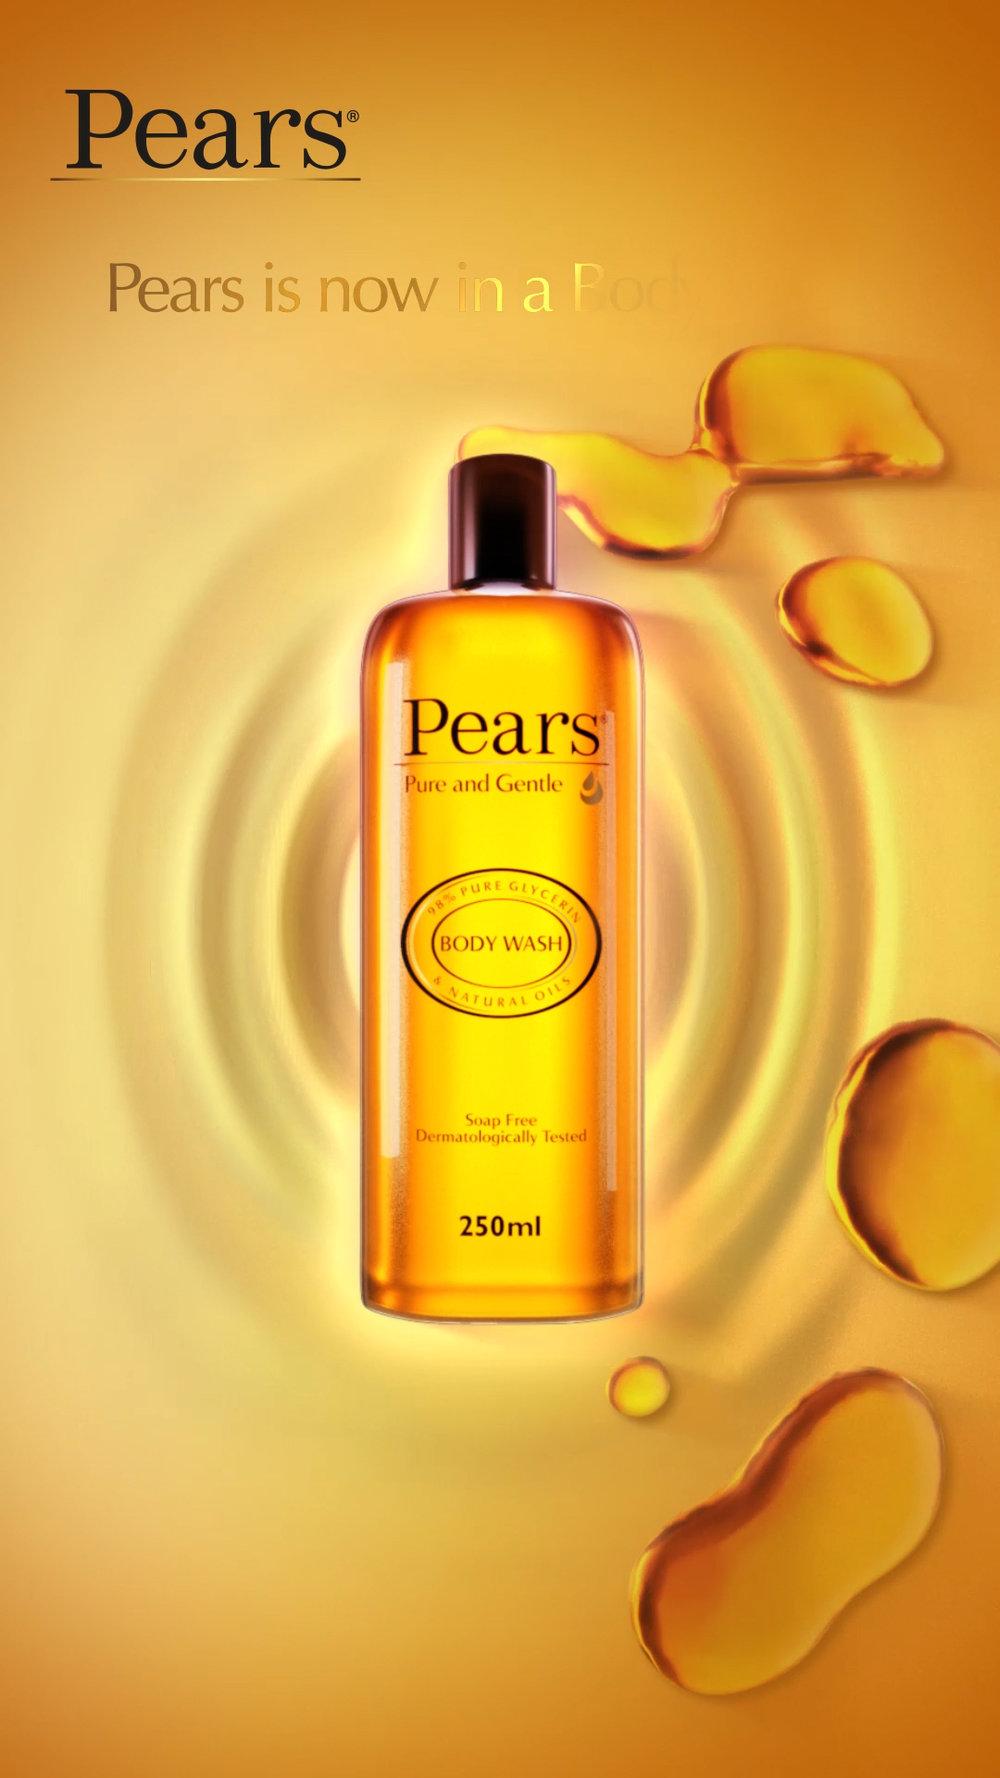 Pears03_02.jpg